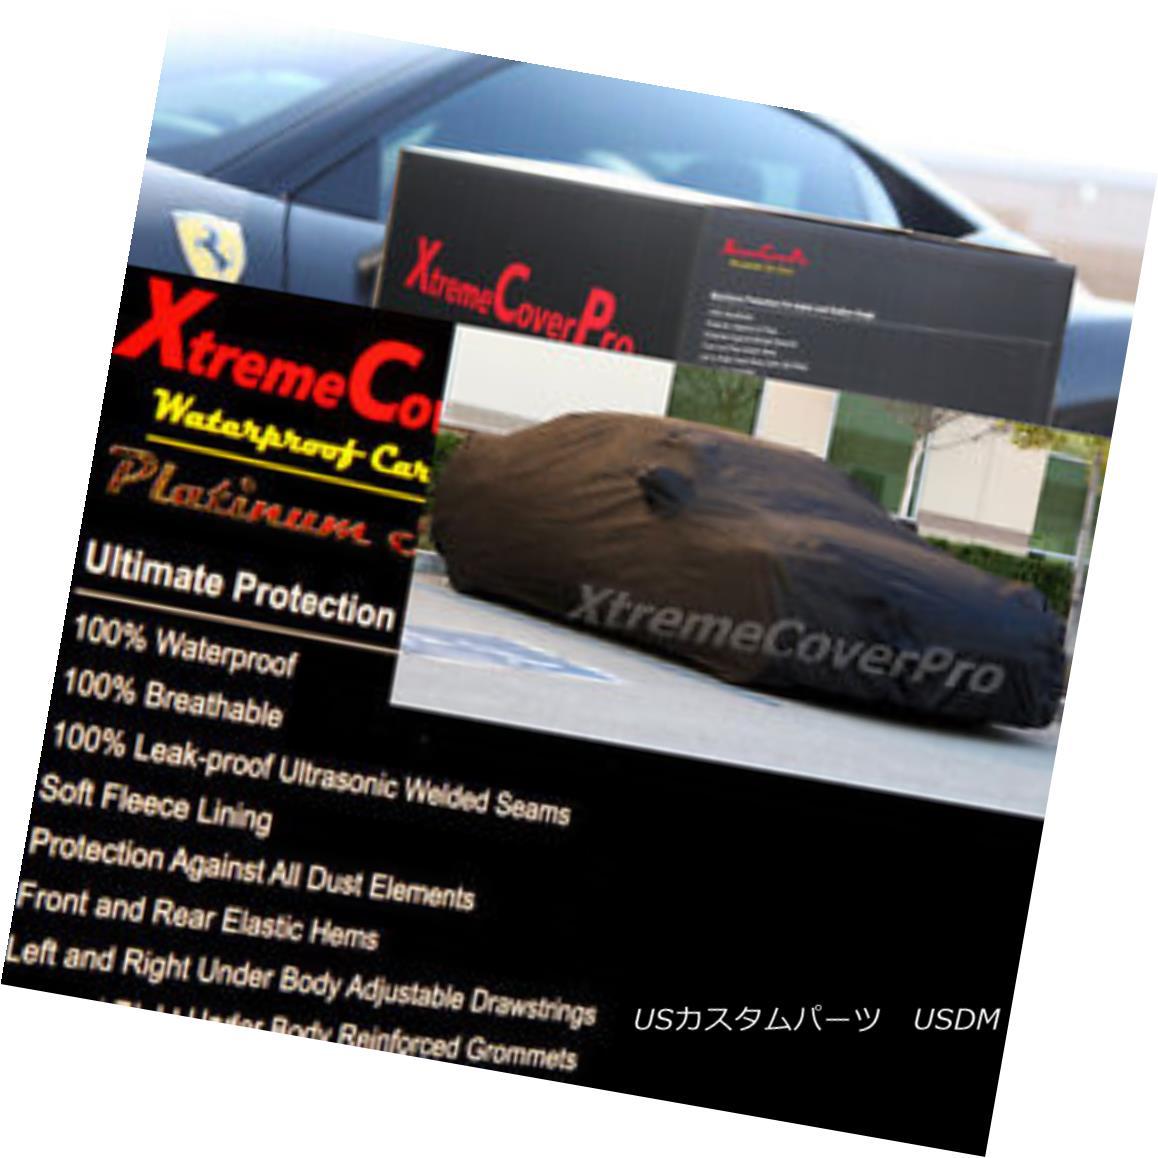 カーカバー 2015 MITSUBISHI LANCER SPORTBACK Waterproof Car Cover w/Mirror Pockets - Black 2015 MITSUBISHI LANCER SPORTBACKミラーポケット付き防水カーカバー - ブラック